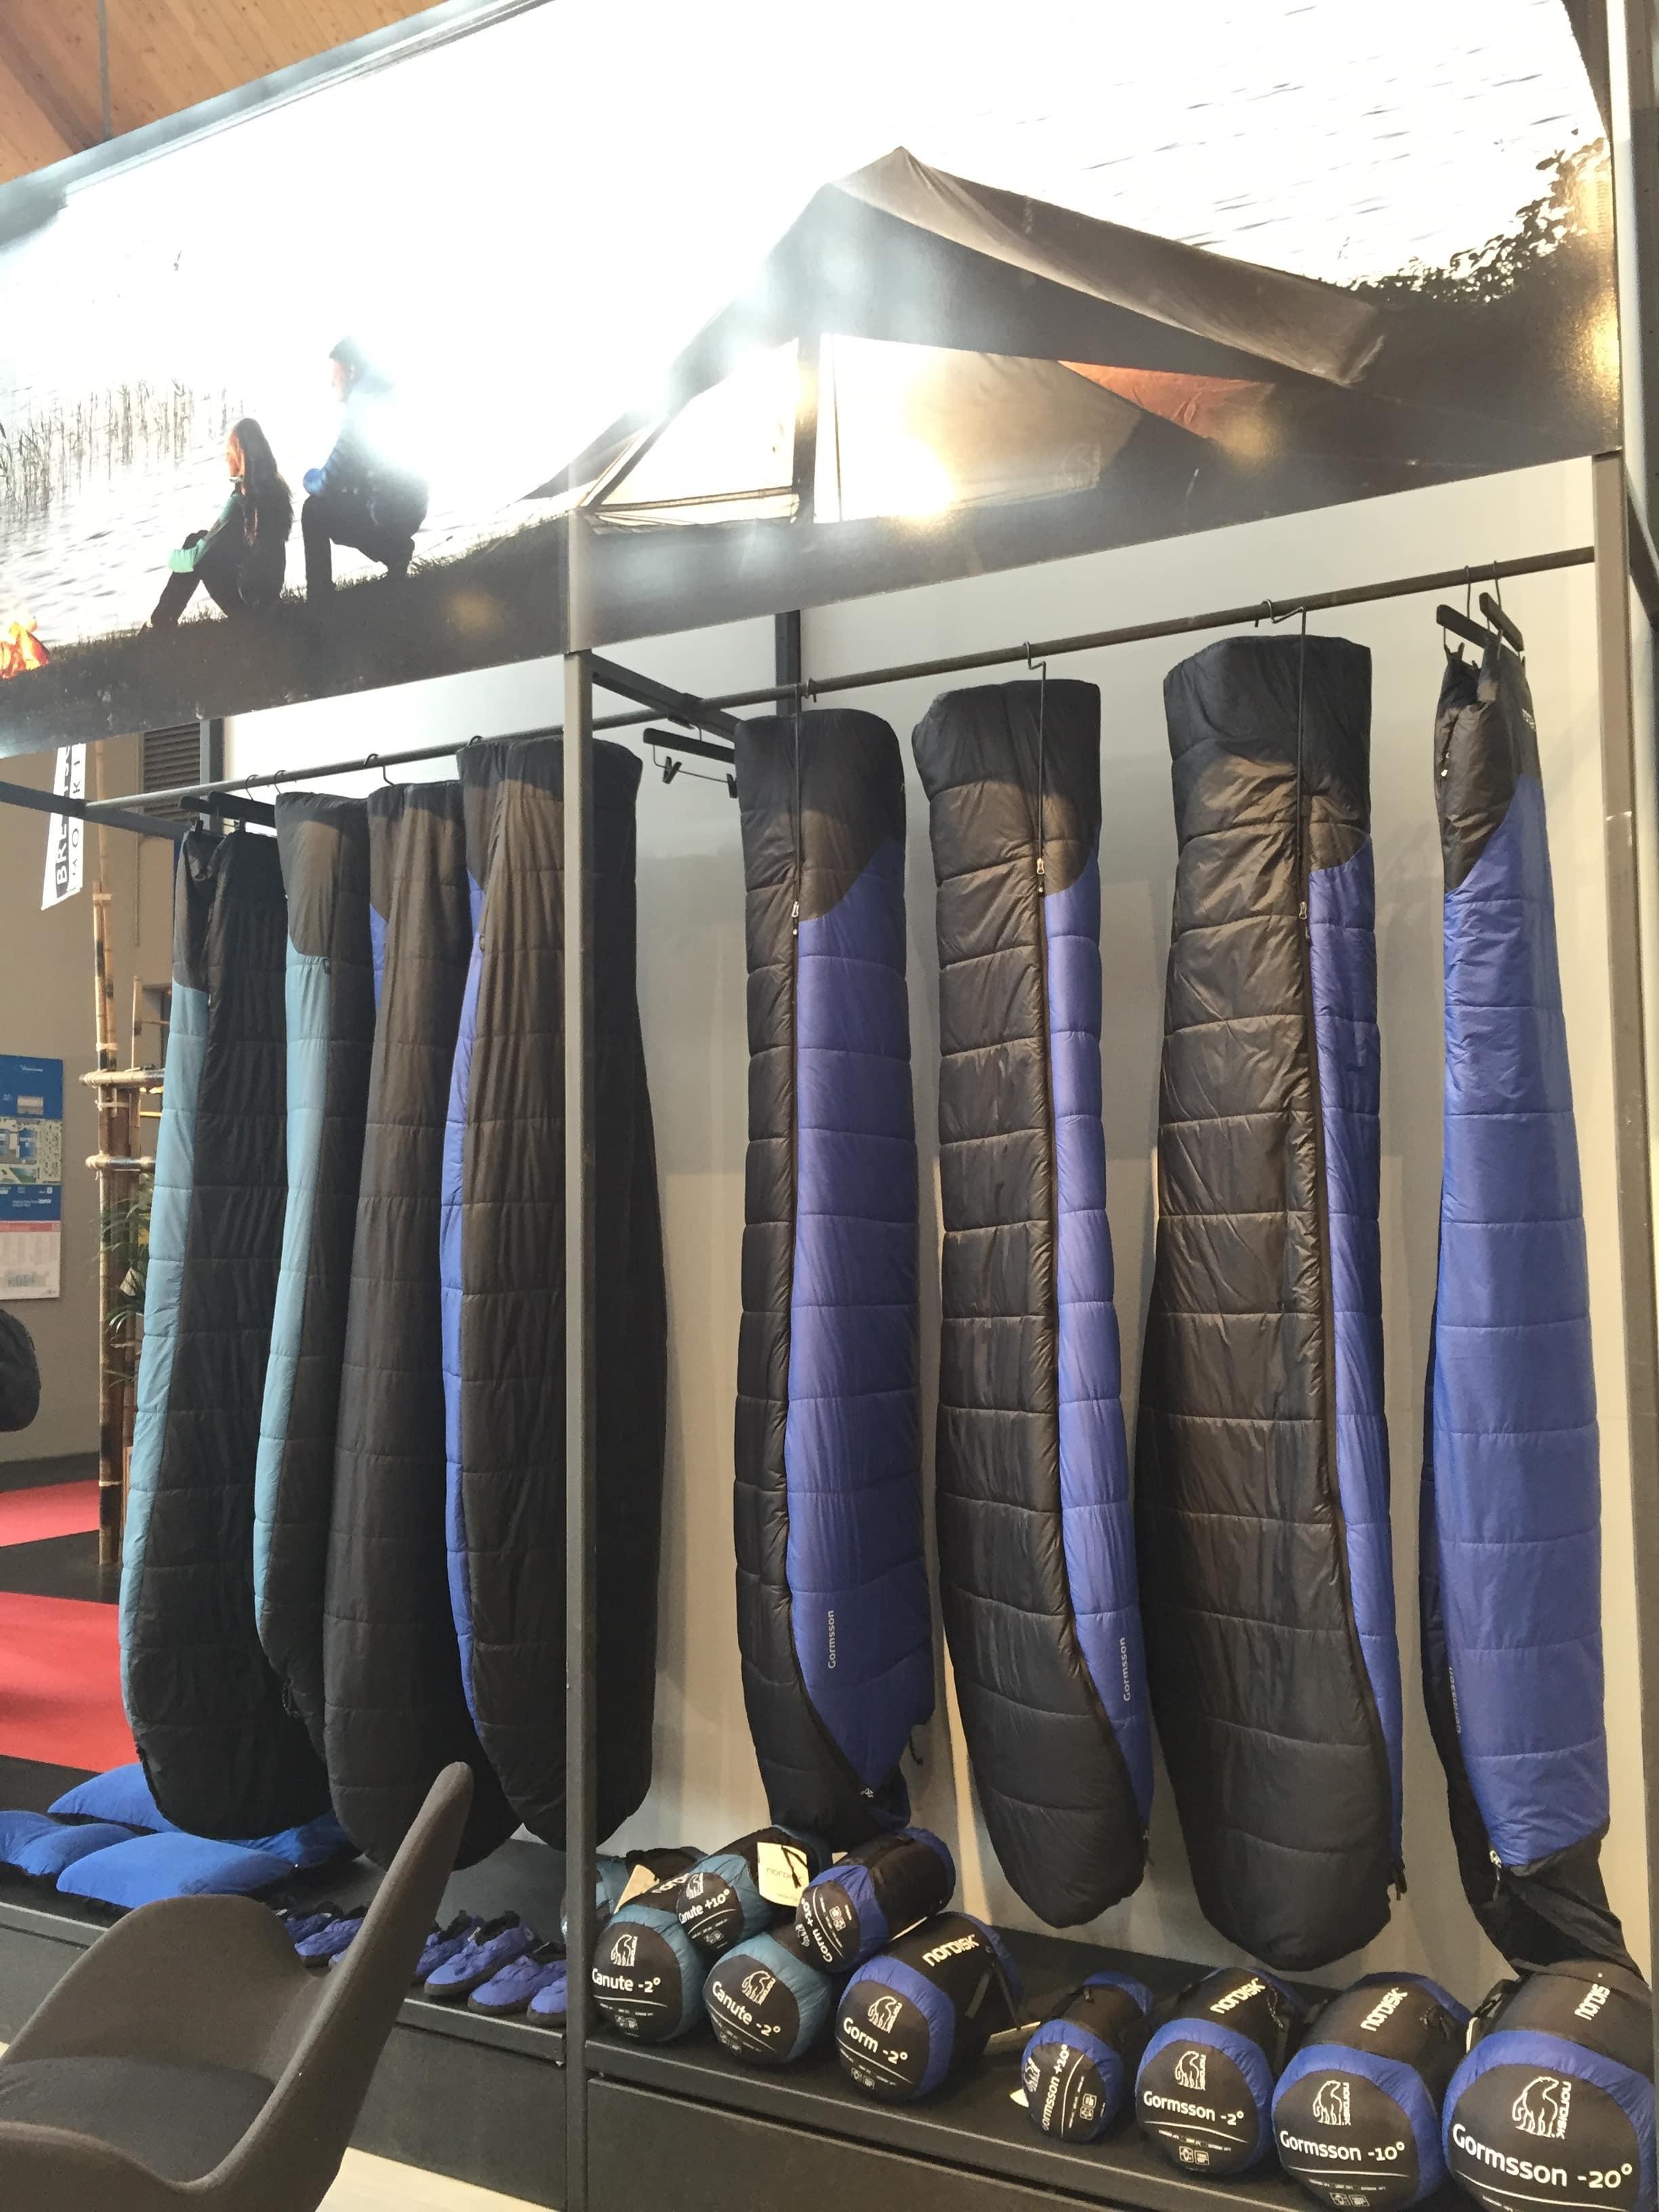 Nordisk hatte eins der größten Sortimente an Schlafsäcken mit auf der Outdoor in Friedrichshafen. (Credit: Chris Neumann)